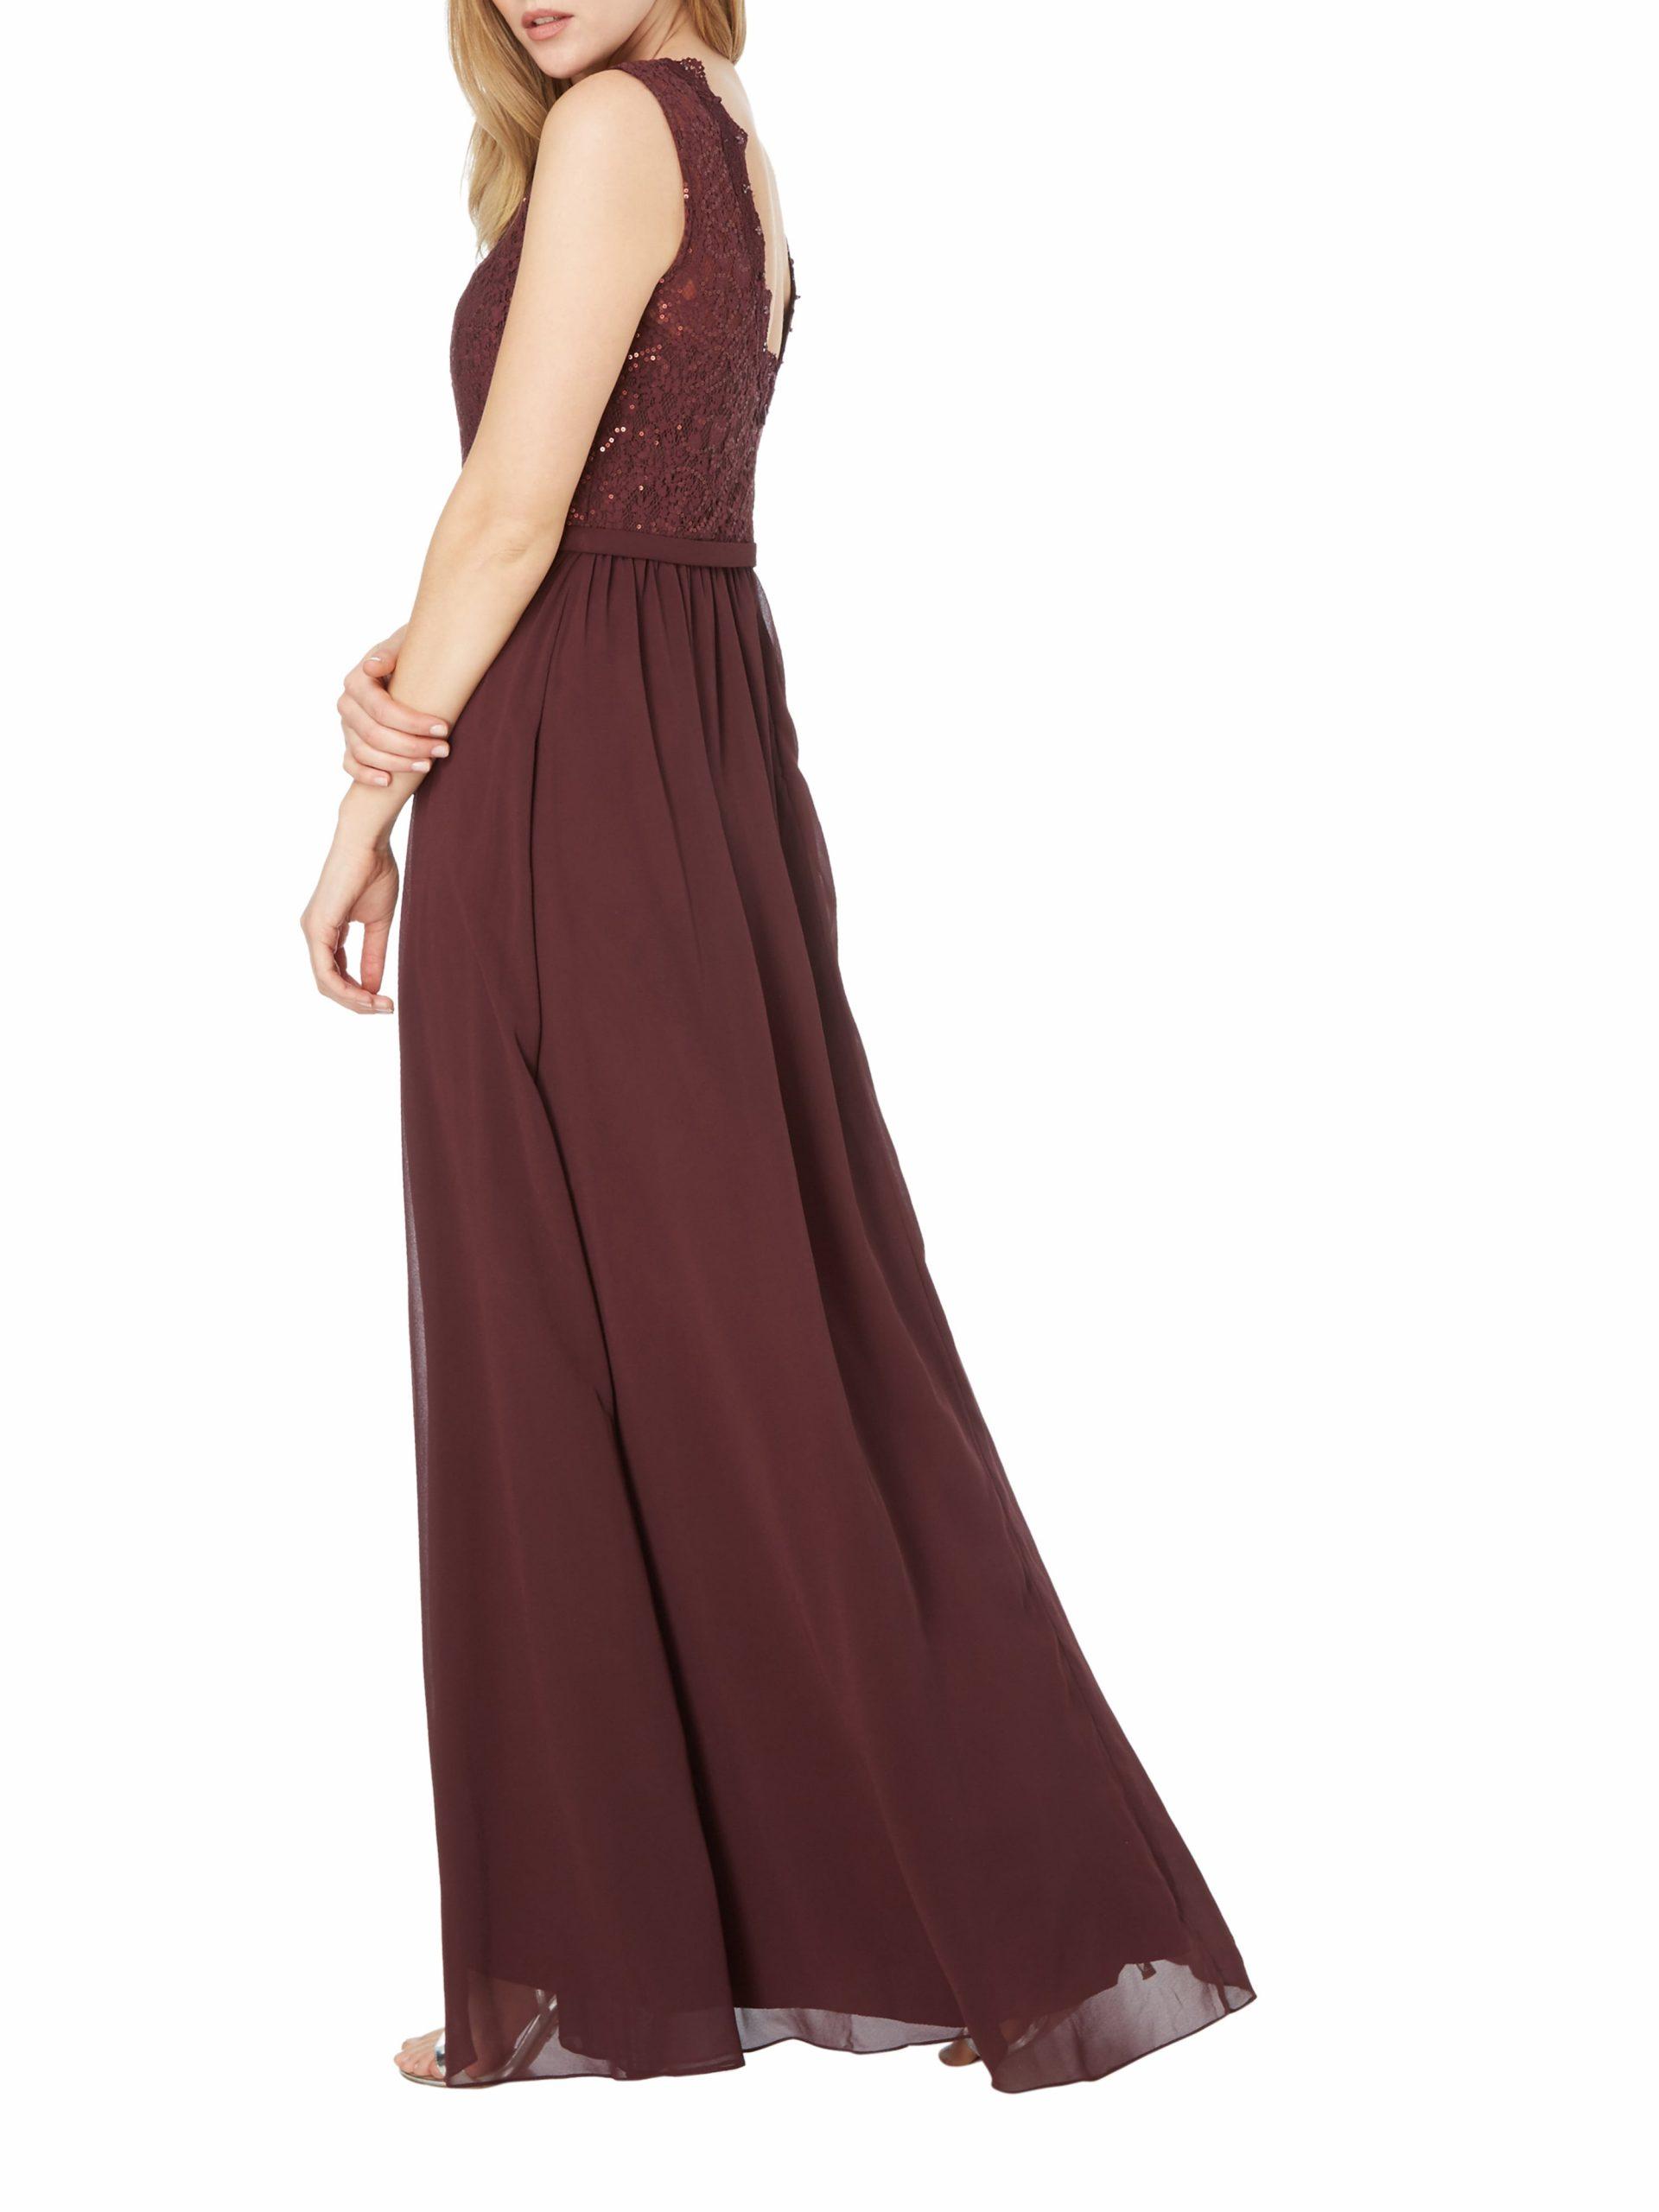 15 Elegant Abendkleid Italienisch Vertrieb10 Schön Abendkleid Italienisch Boutique